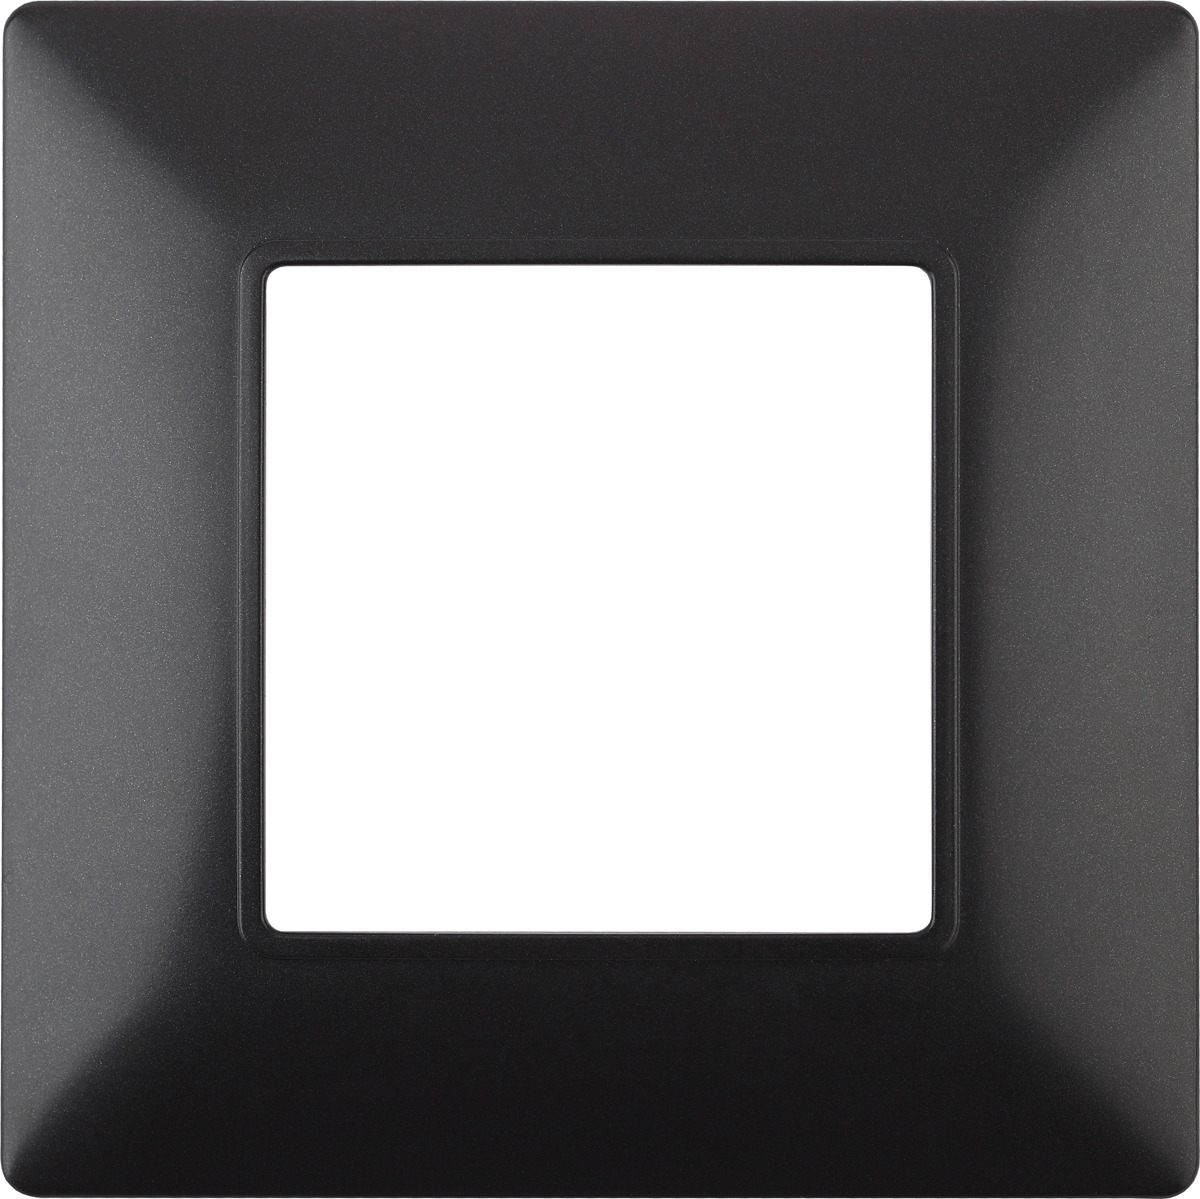 Рамка электроустановочная ЭРА Elegance, на 1 пост, 14-5001-05, антрацит14-5001-05Рамка на 1 пост, Эра Elegance, антрацит